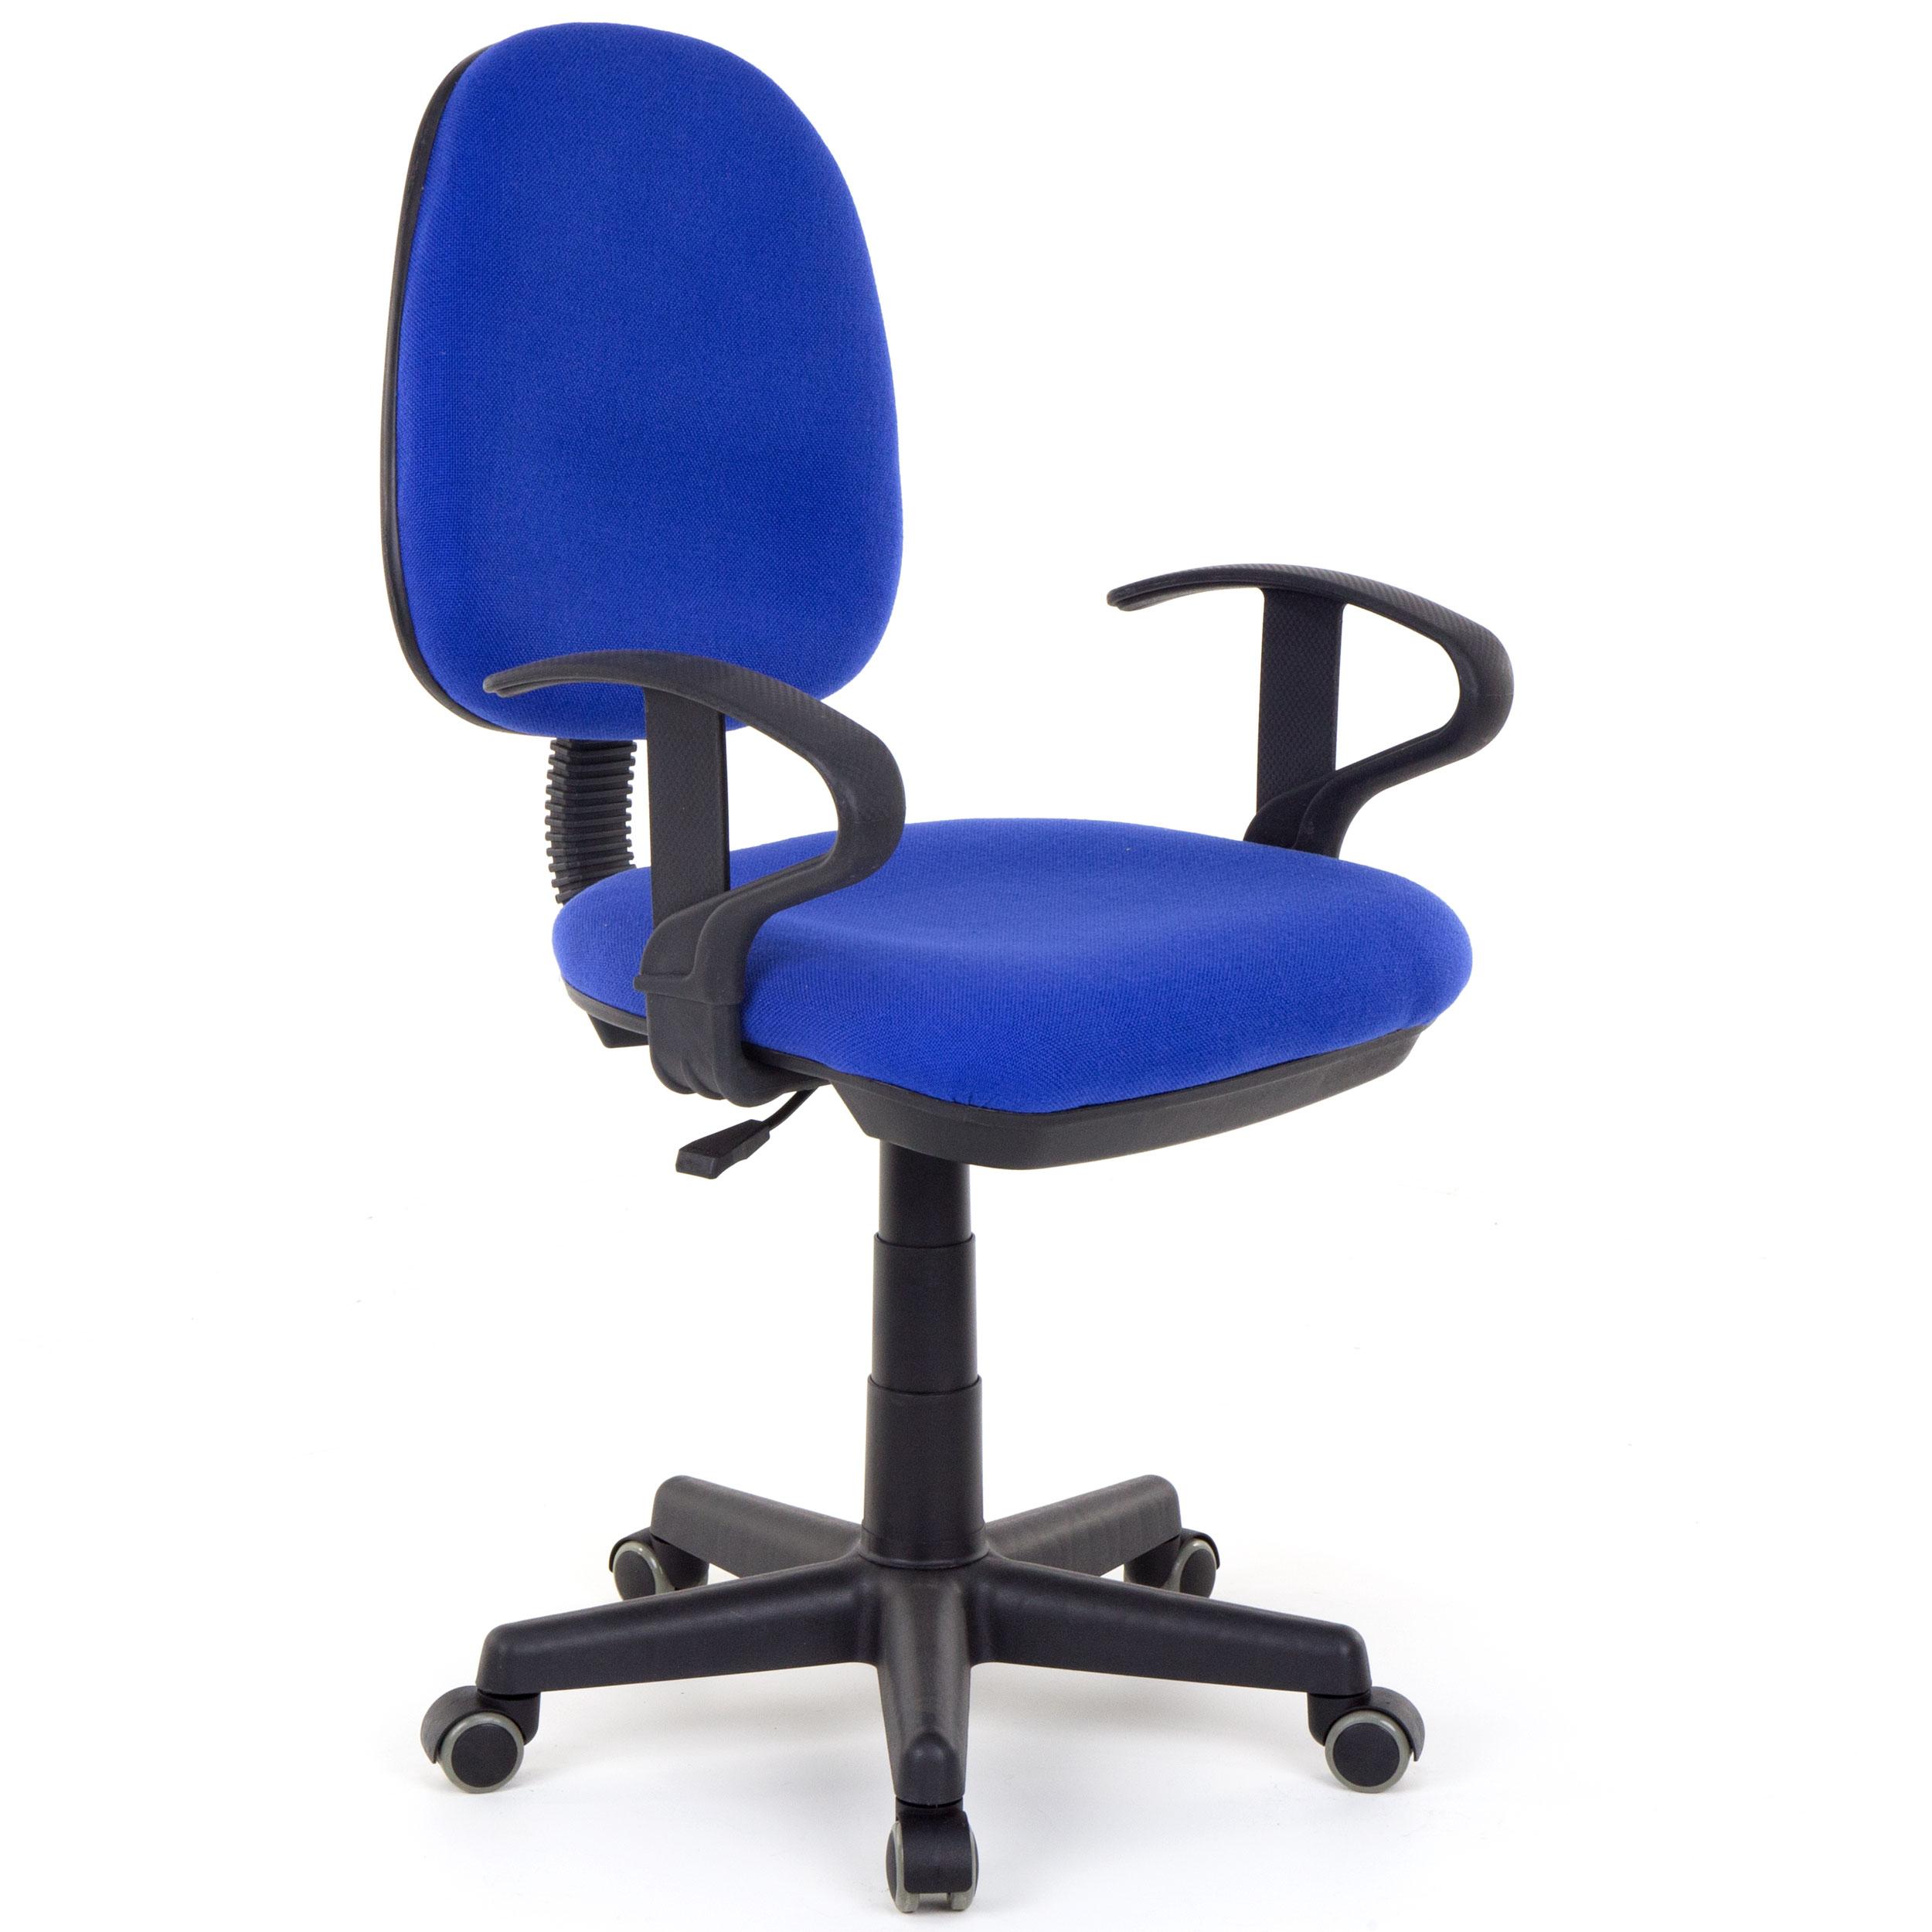 Fotel biurowy 2030 P niebieski :: Dwunastka